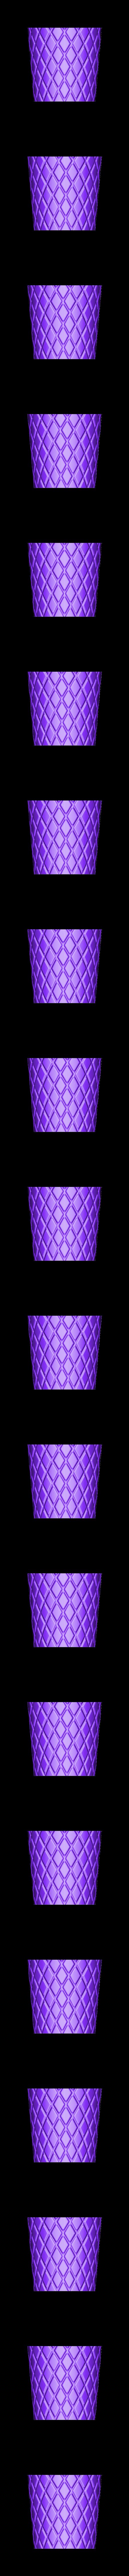 big_planter.stl Télécharger fichier STL gratuit Grand vase planteur de diamants • Modèle pour impression 3D, fakcior